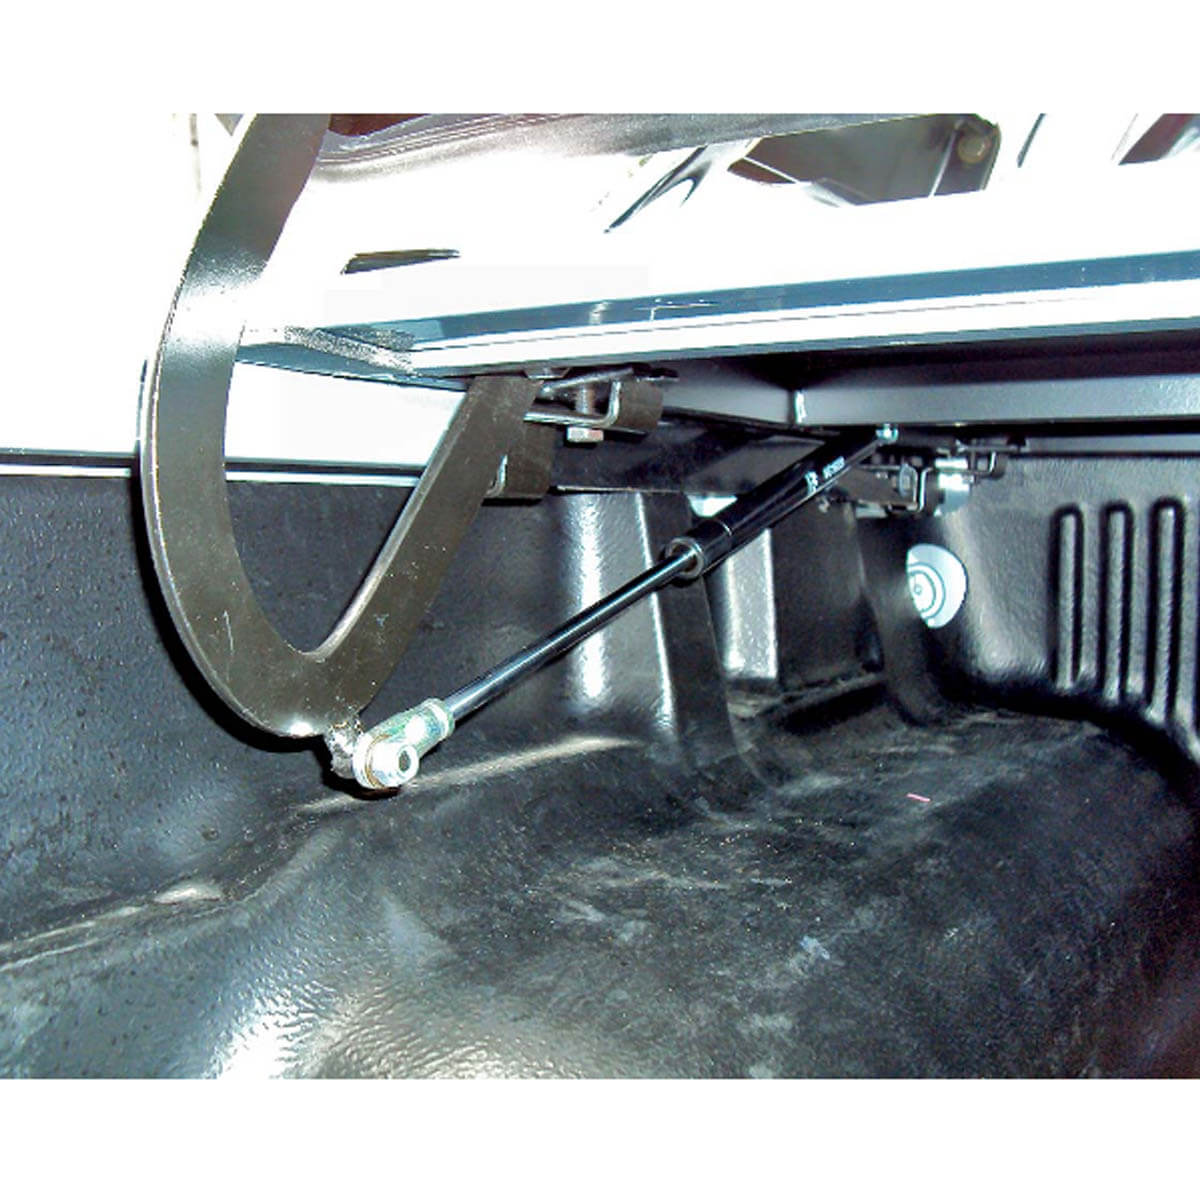 Tampão de aço capota elétrica Nova Ranger cabine dupla 2013 a 2017 LIMITED